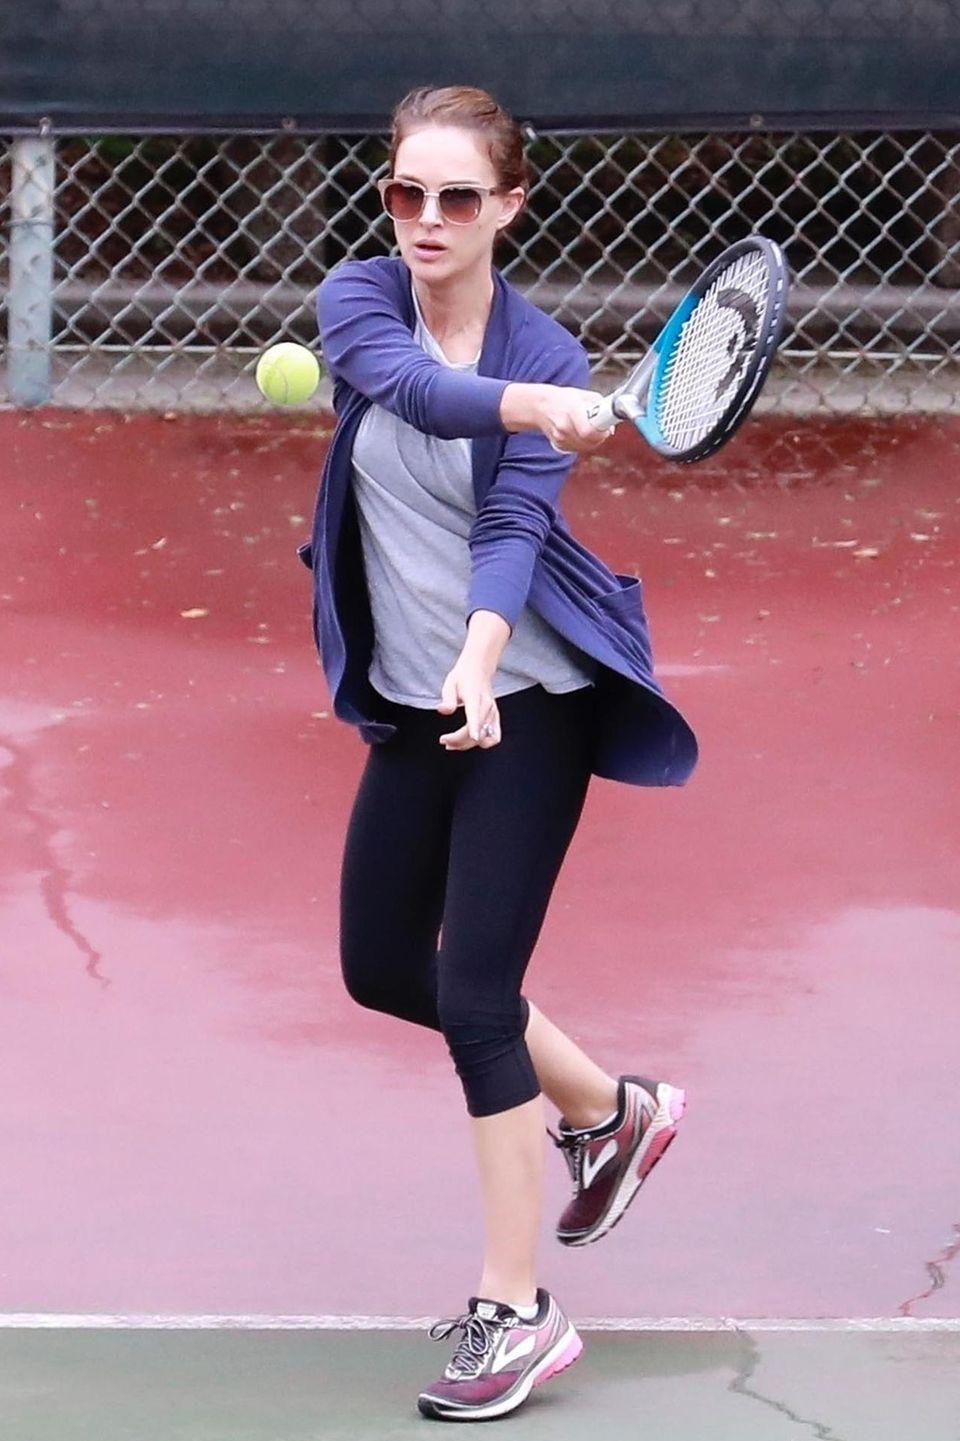 Eine gute Tennisstunde zu Halloween: Schauspielerin Natalie Portman glänzt mit vorbildlicher Vorhand - coole Sonnenbrille inklusive.